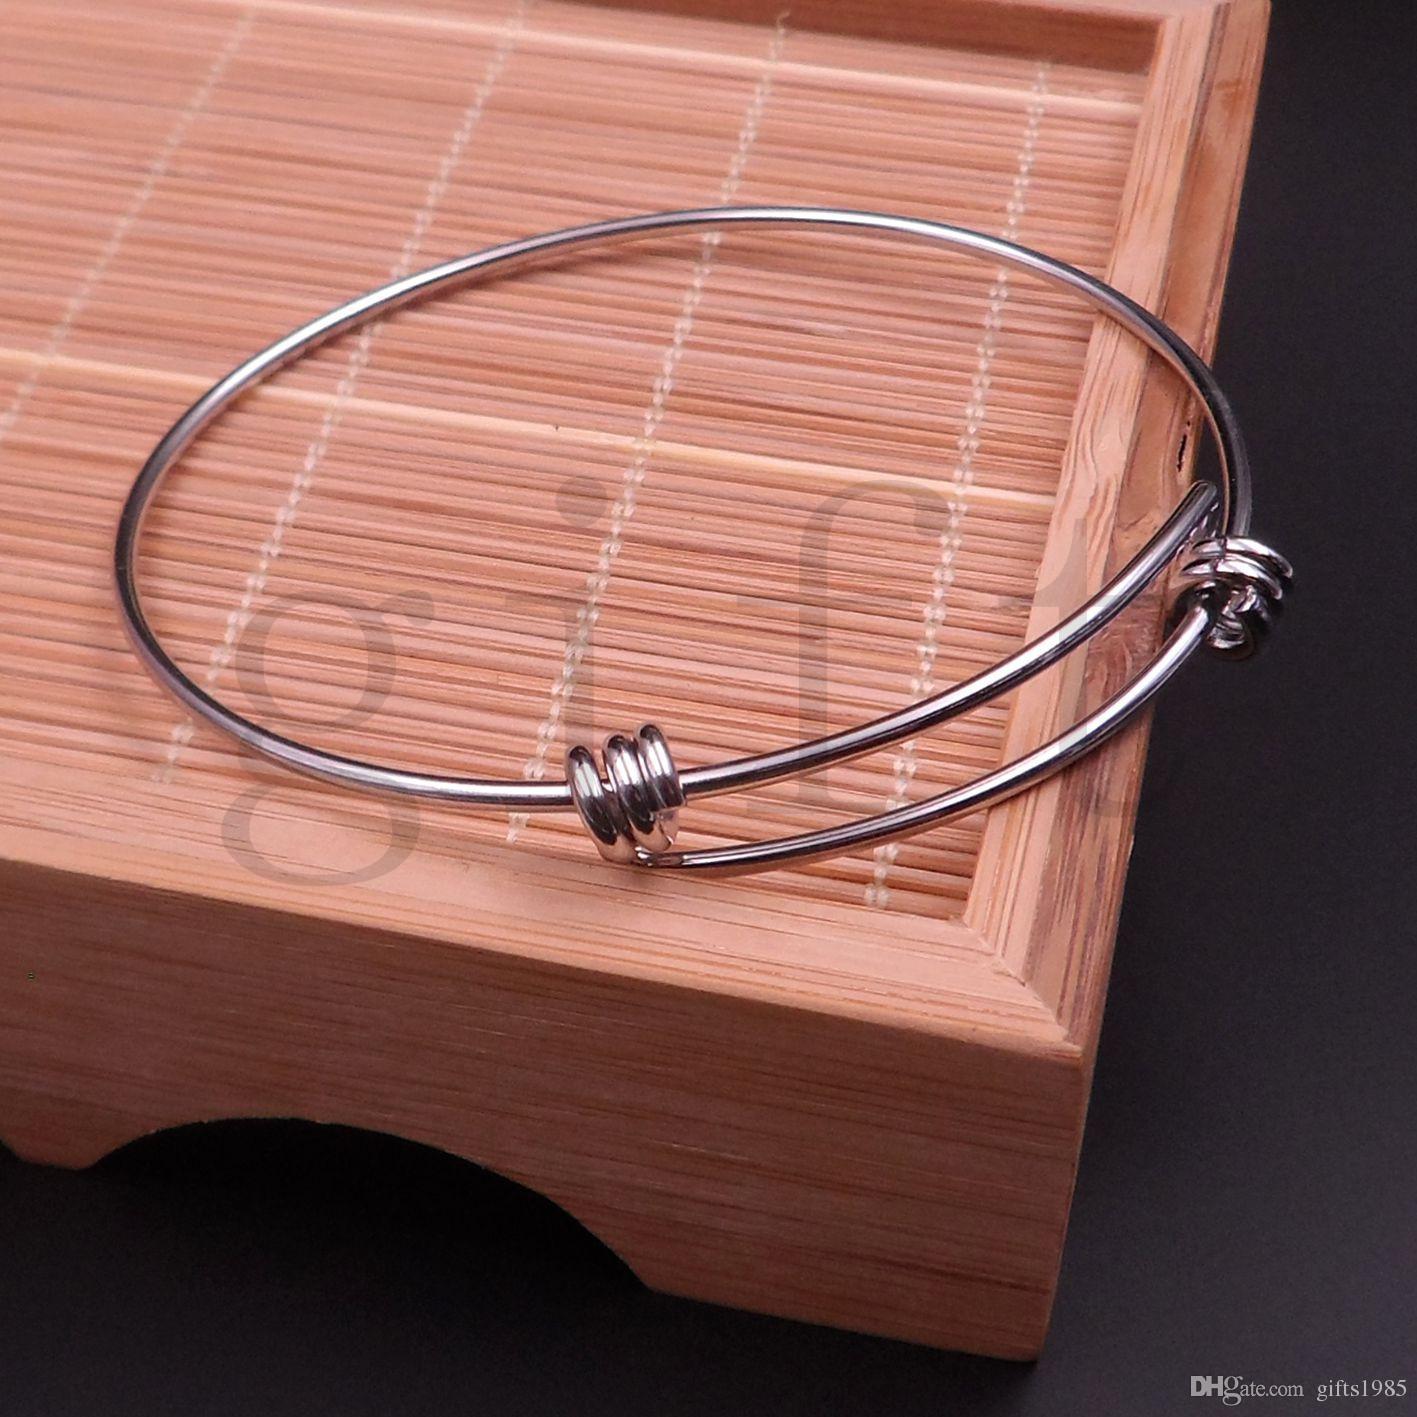 Оптовая мода девушка браслет Шарм упругие ювелирные изделия из нержавеющей стали браслеты DIY небольшие подвески связи